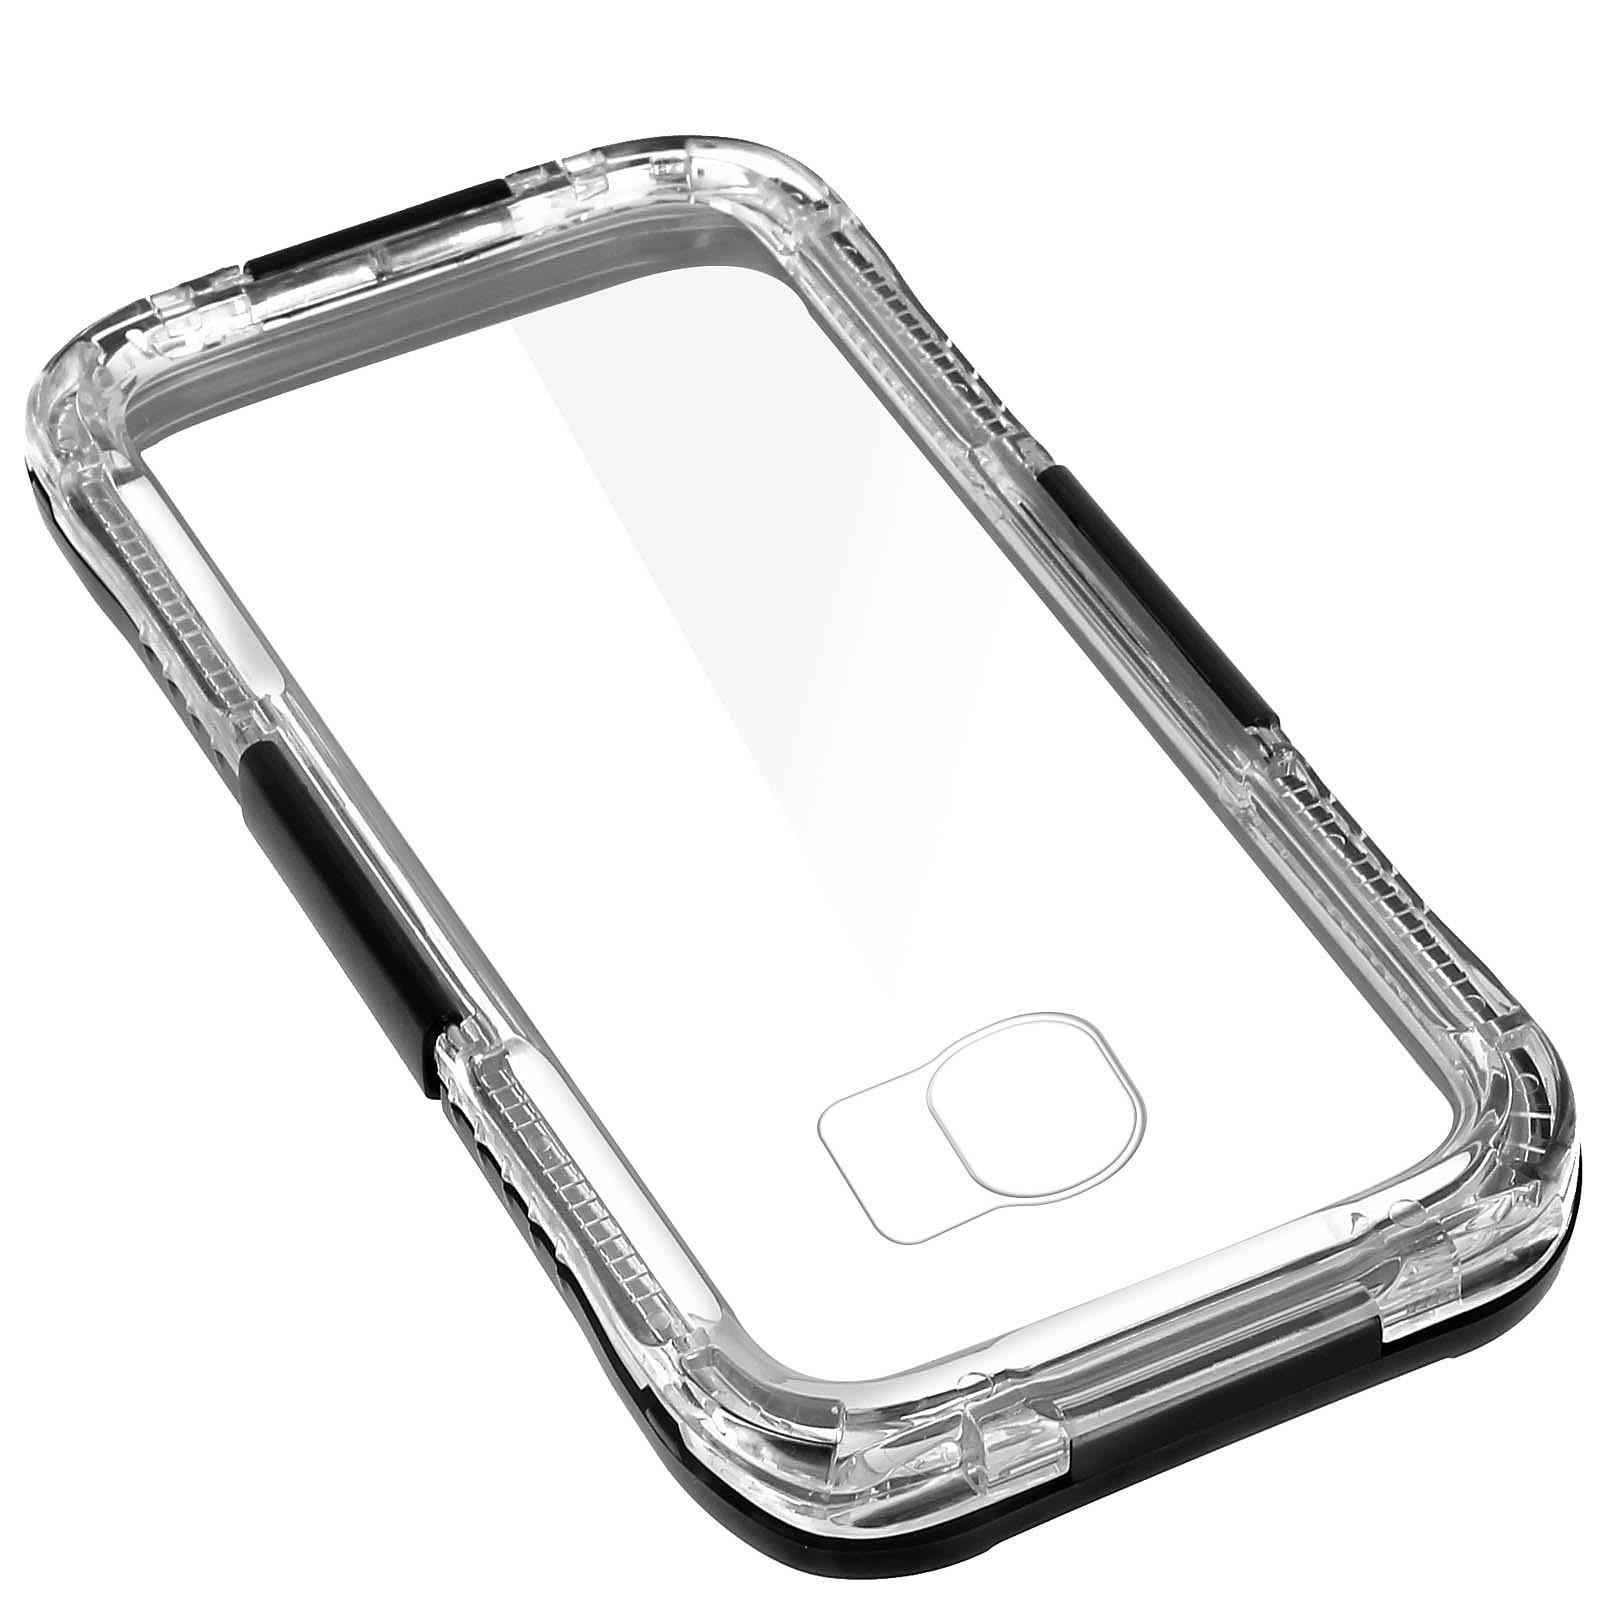 Avizar Coque étanche Noir pour Samsung Galaxy S7 Edge - Coque téléphone Avizar sur LDLC